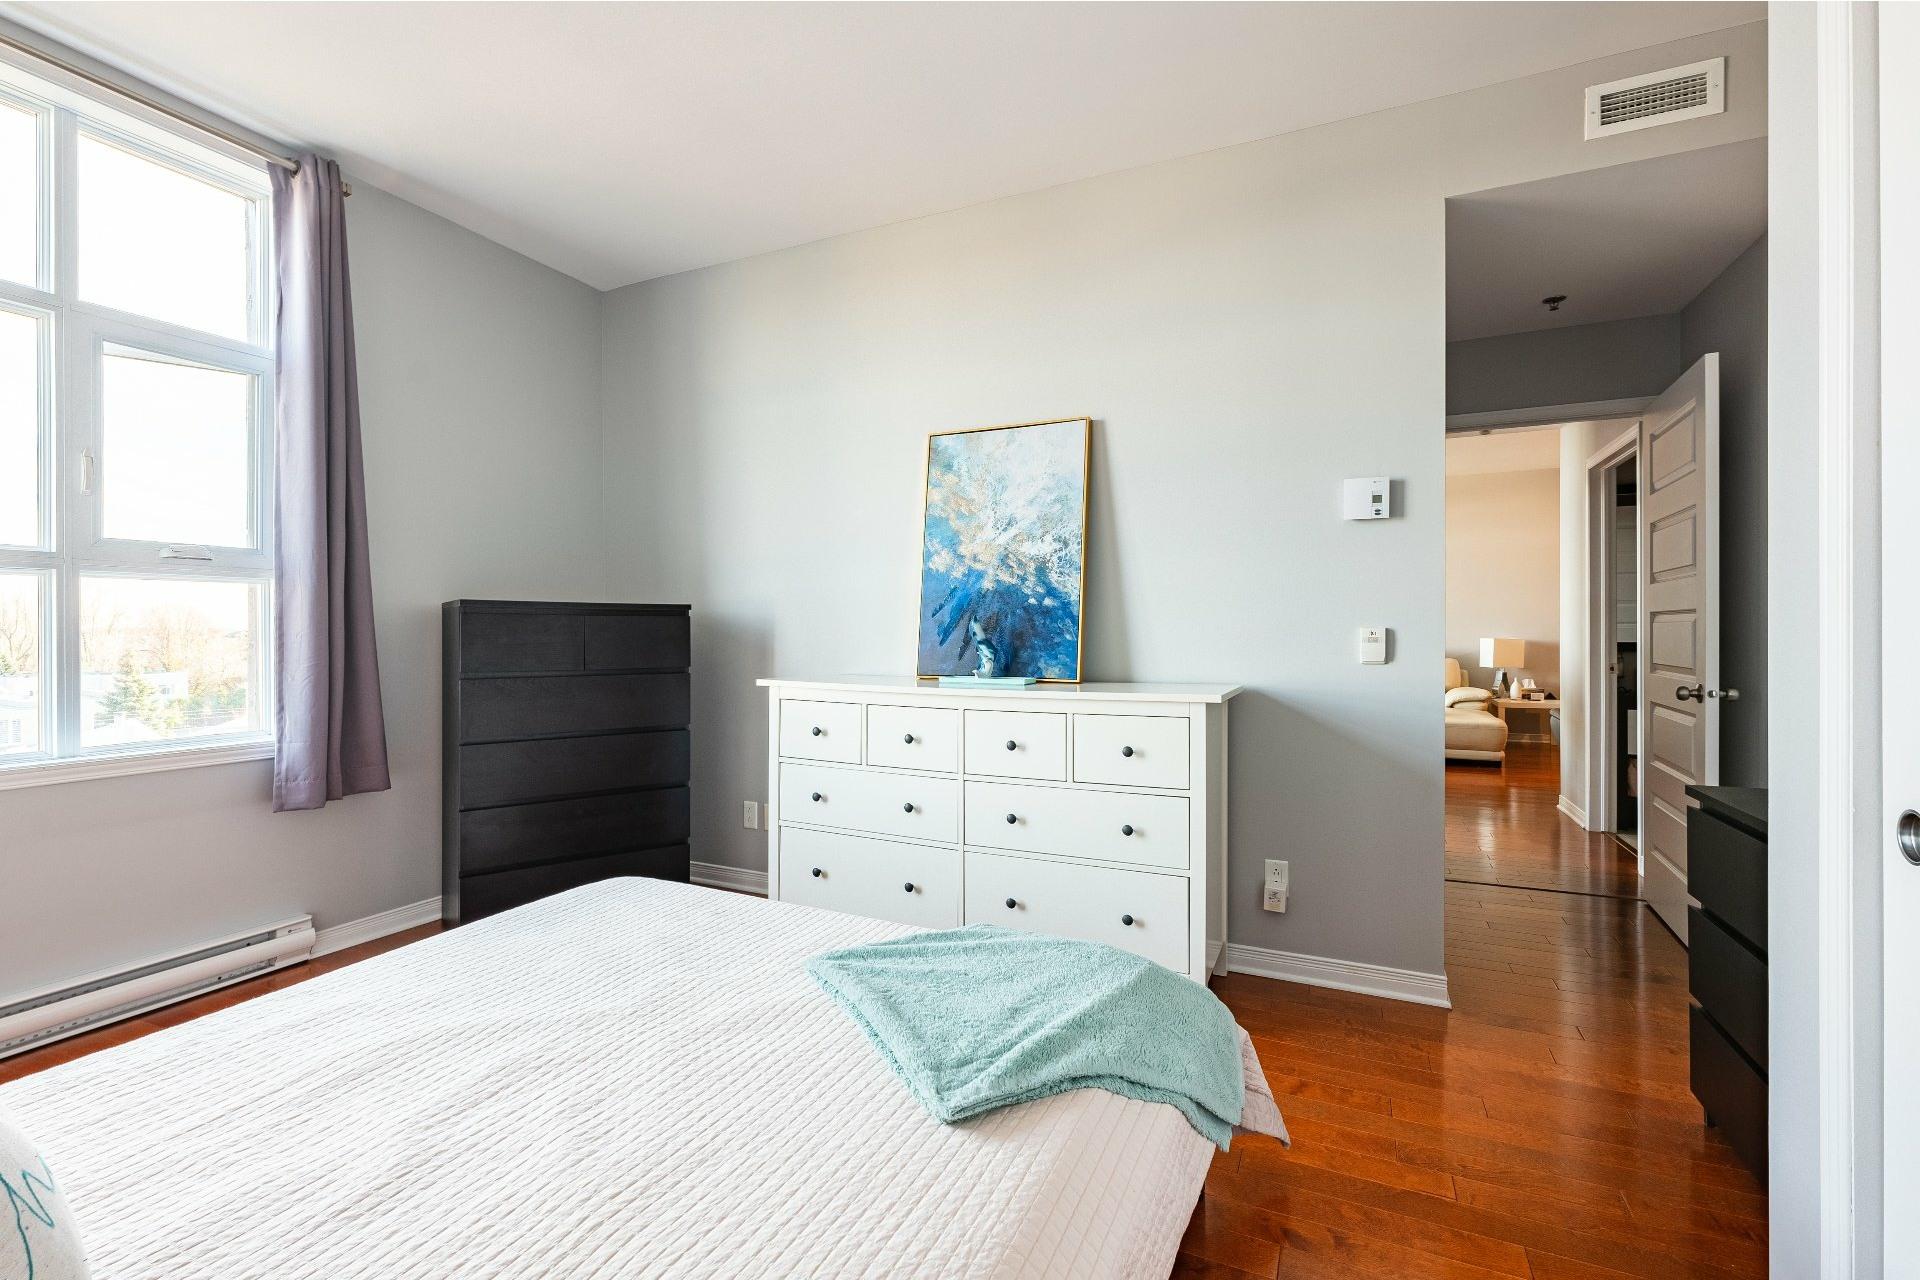 image 11 - Appartement À vendre Vaudreuil-Dorion - 9 pièces